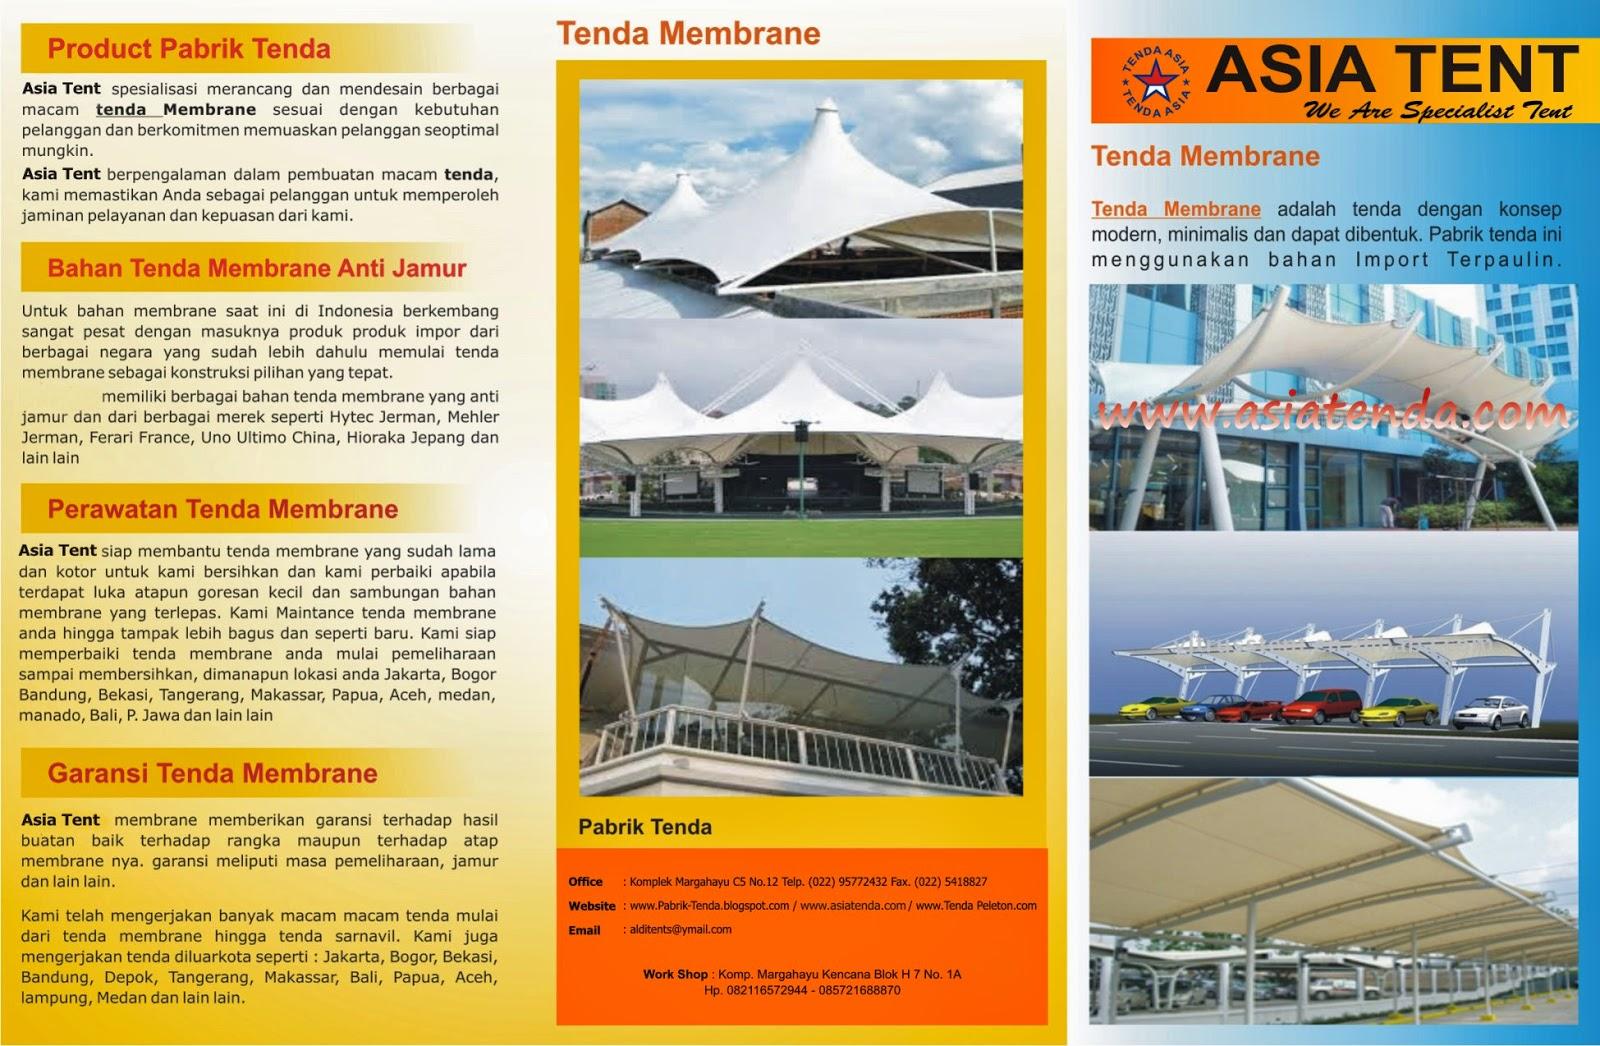 pabrik tenda membrane 2